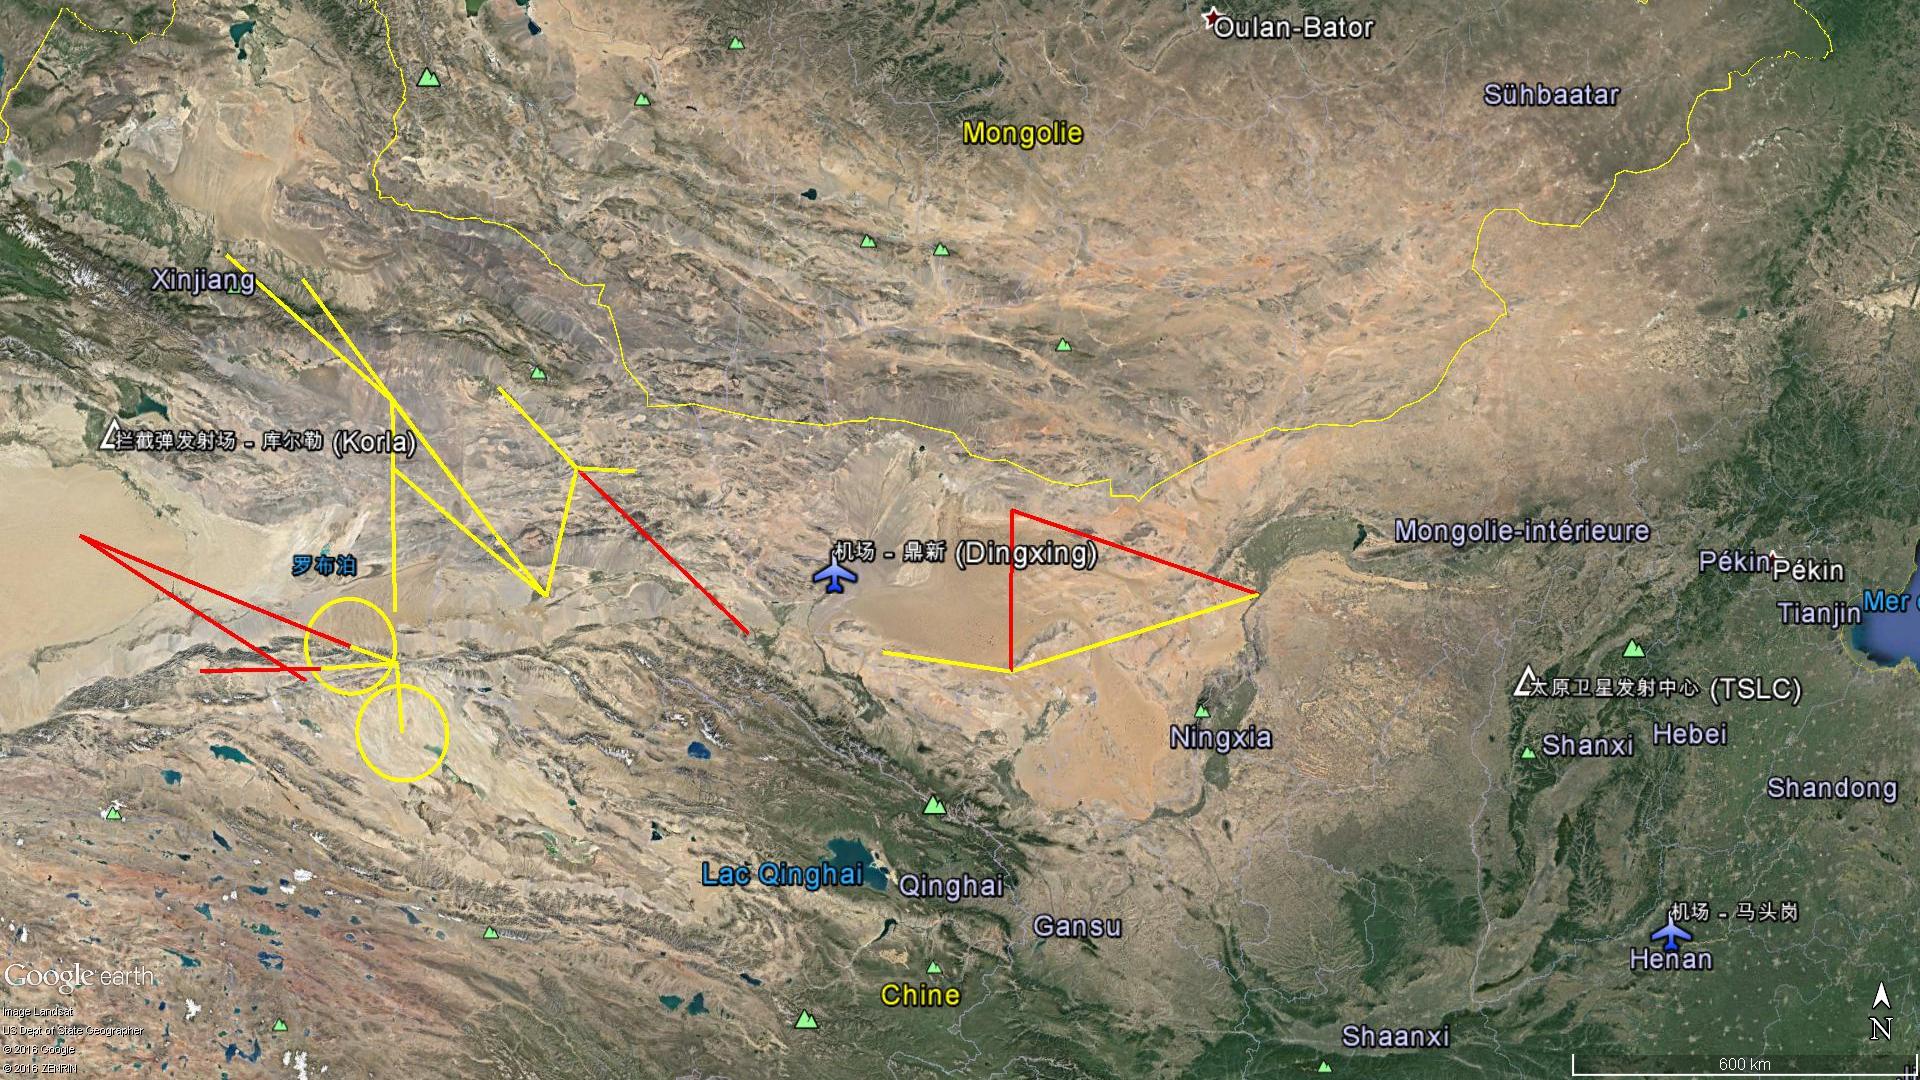 Les zones interdites de survol pour l'essai hypersonique du 28 Octobre 2016